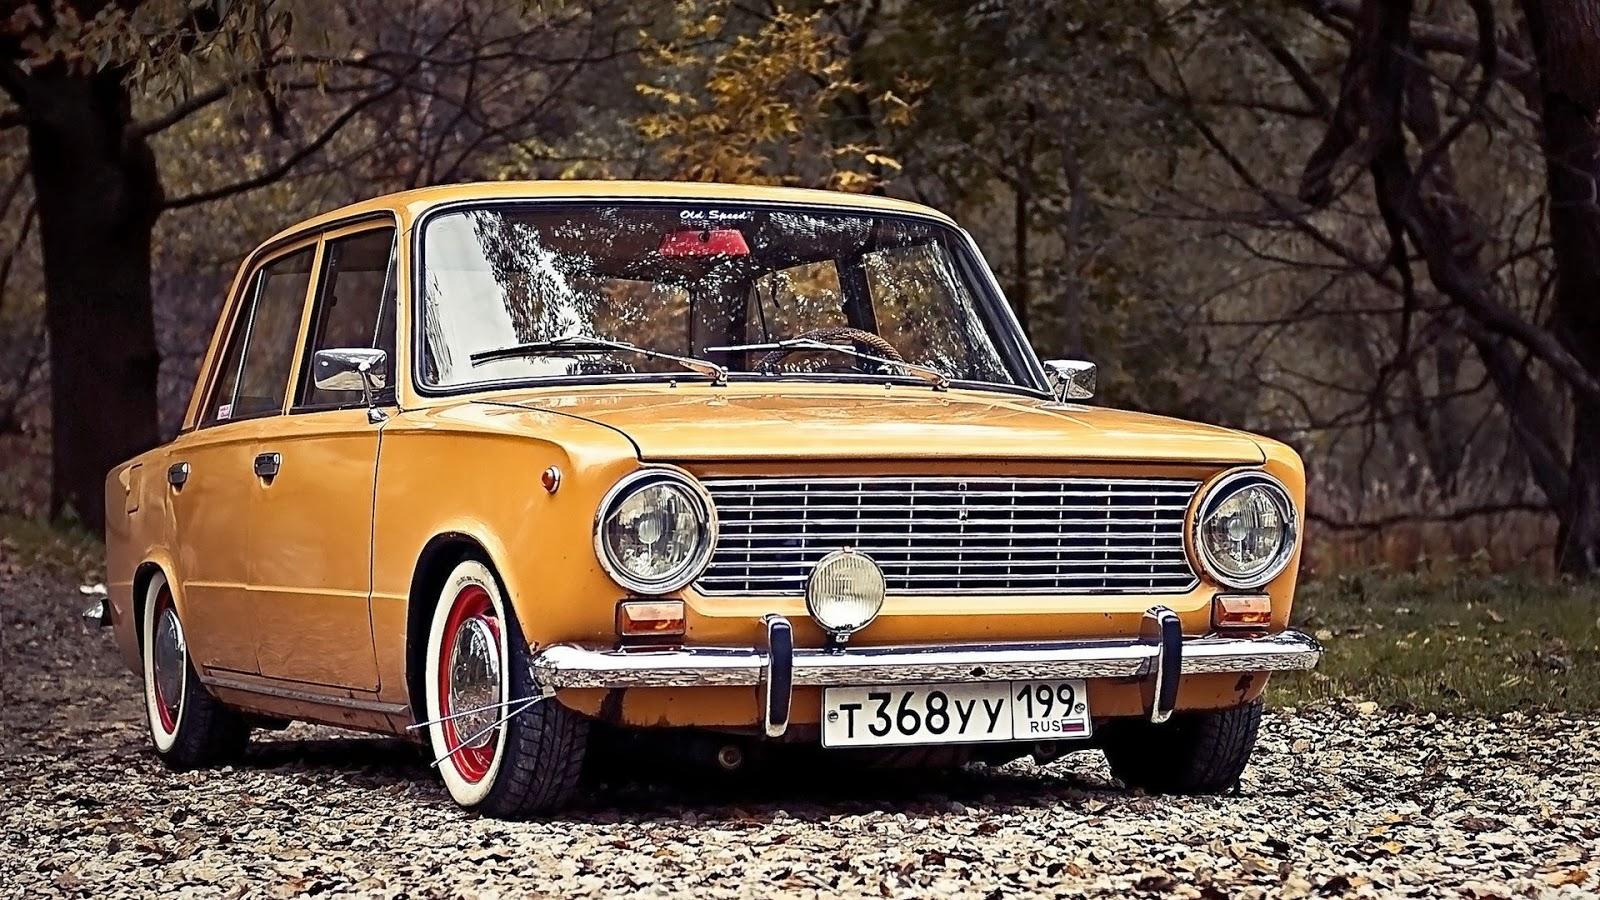 بالصور سيارات قديمة , عربيات موديلات قديمة 2246 6